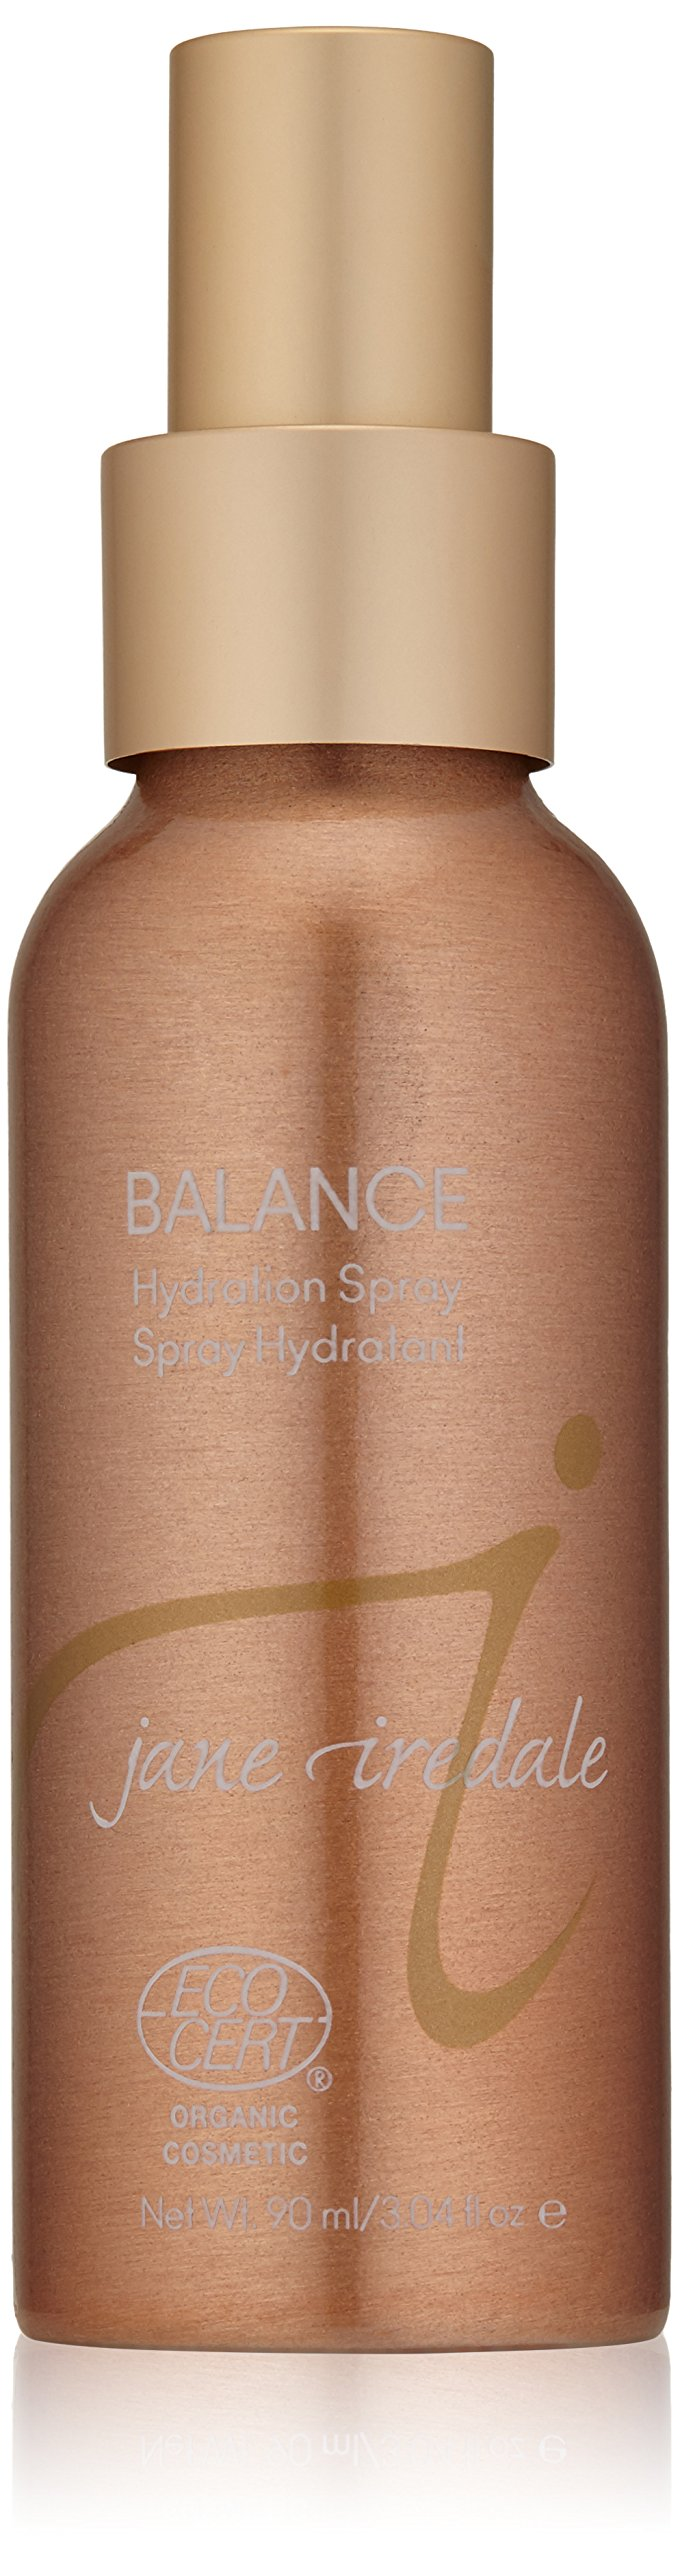 jane iredale Balance Hydration Spray, 3.04 oz. by jane iredale